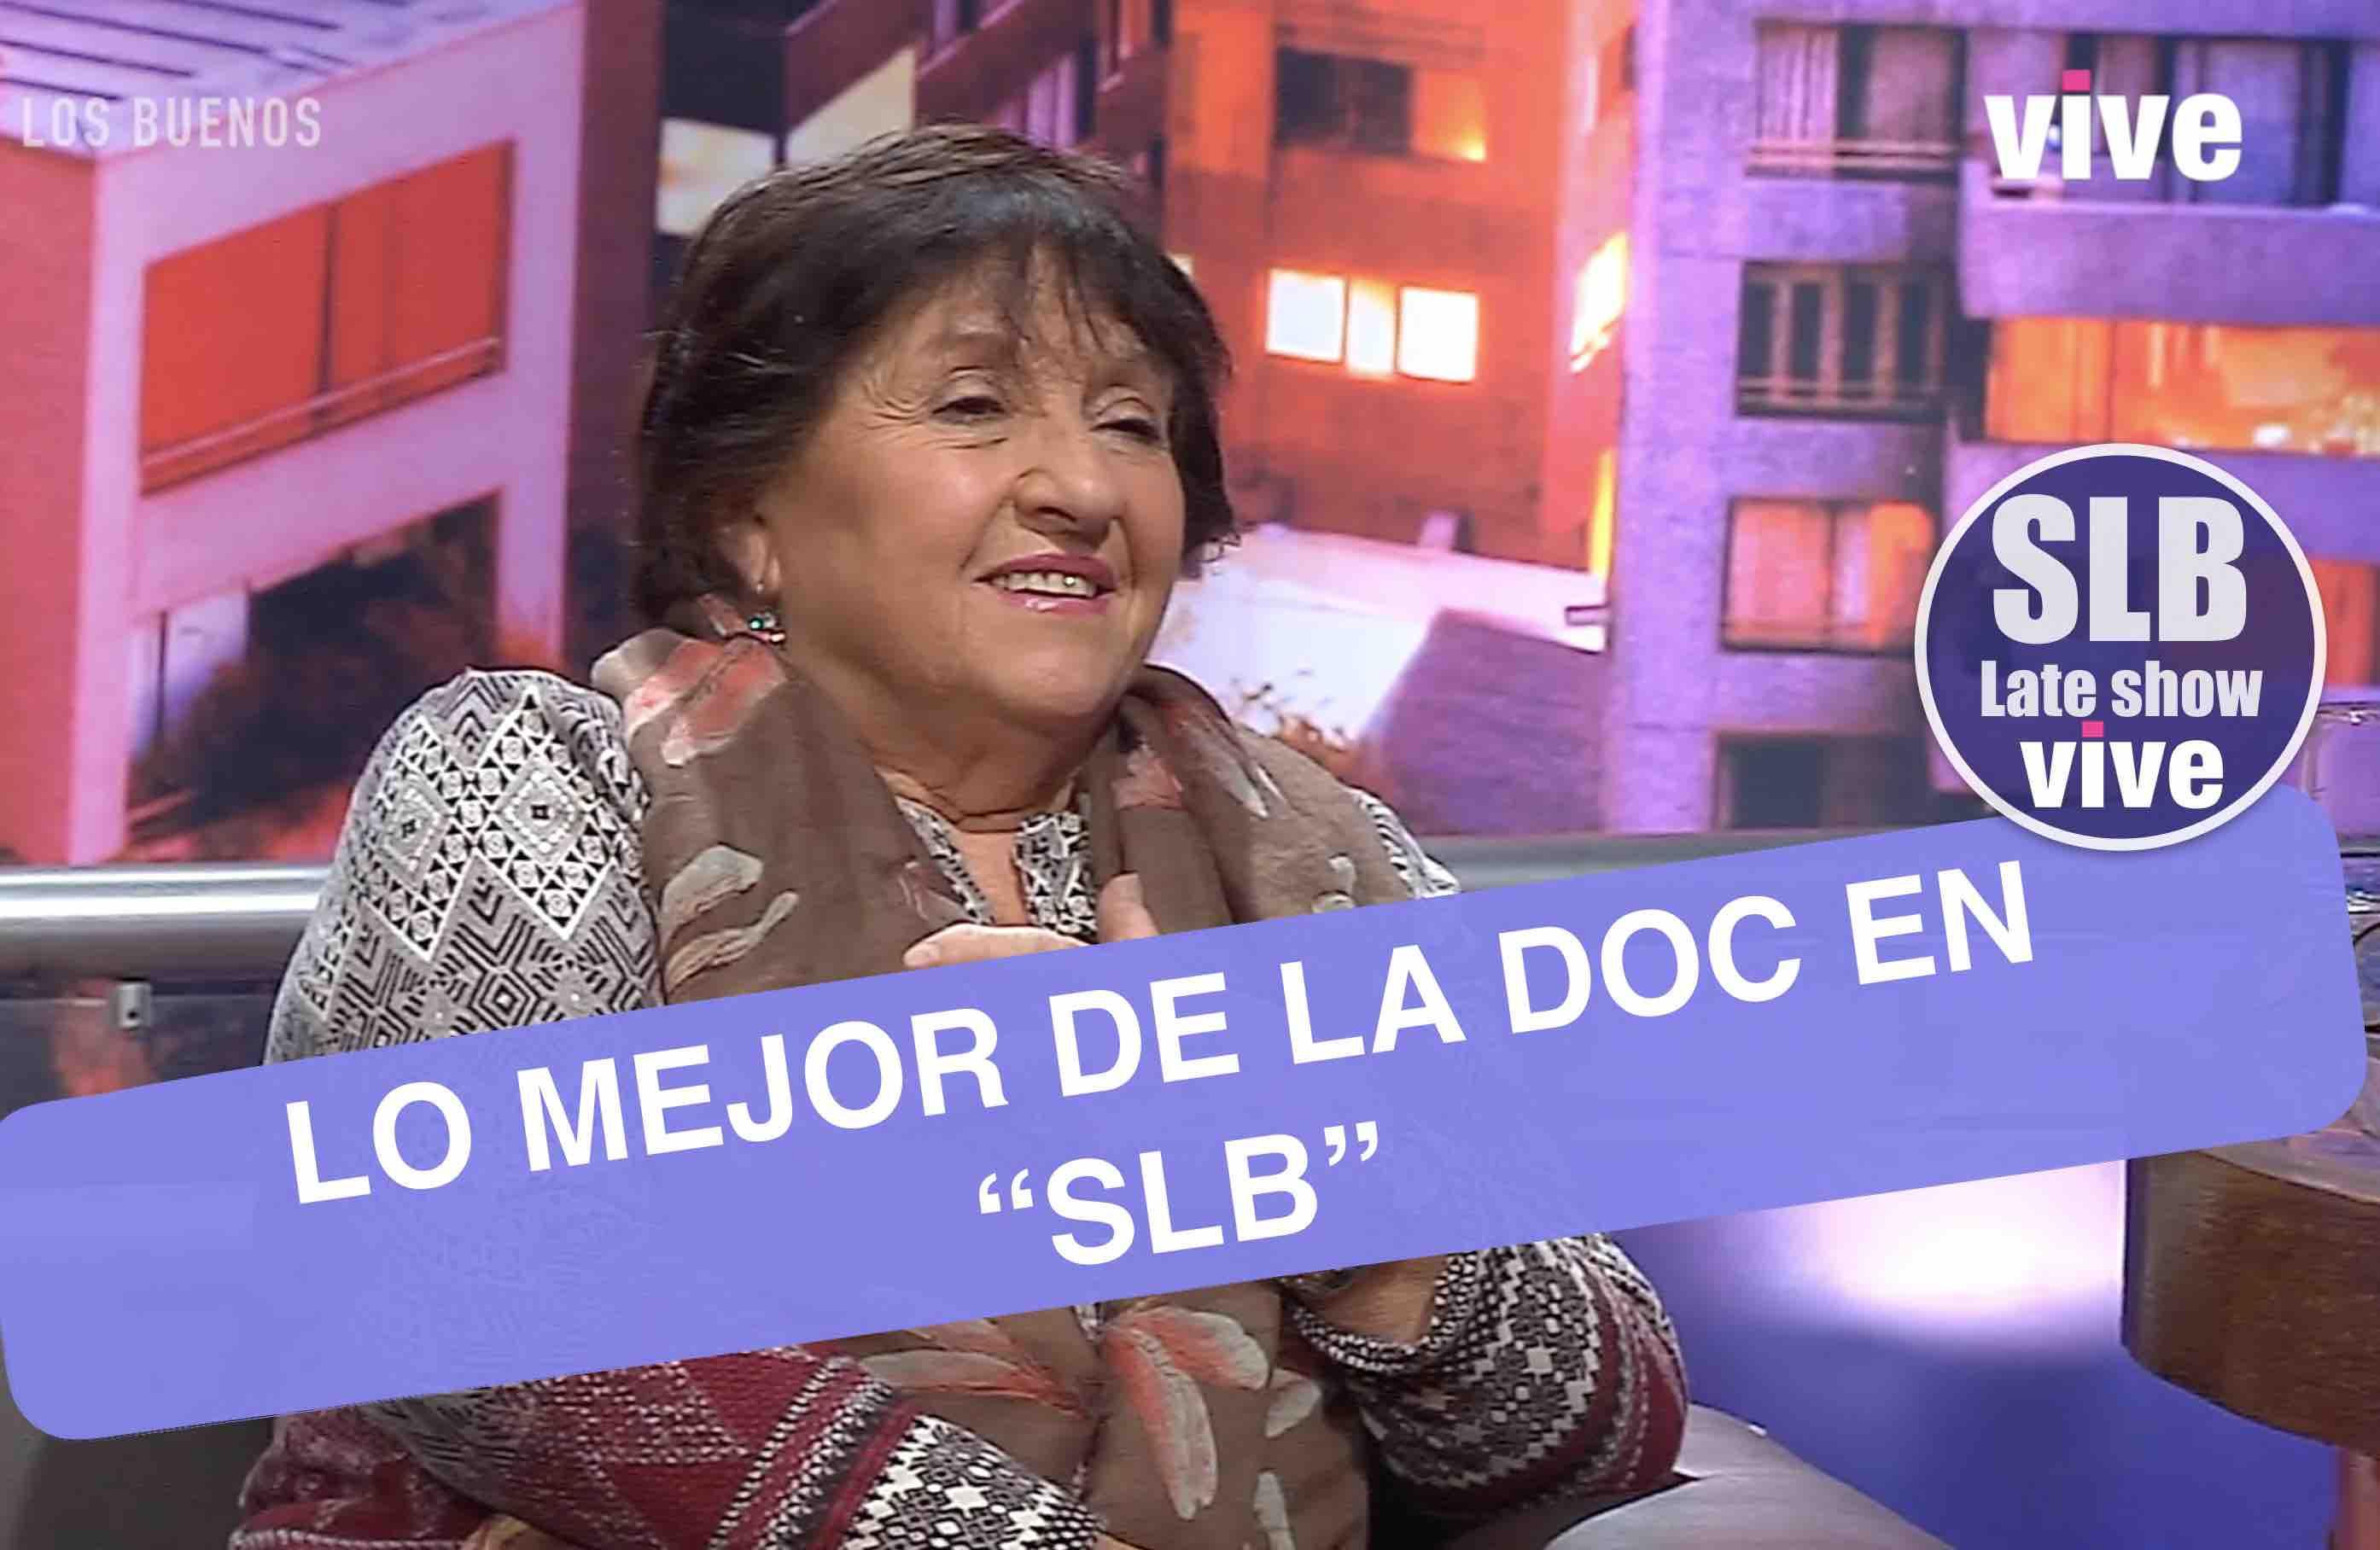 Lo Mejor de la Doc en #SLB